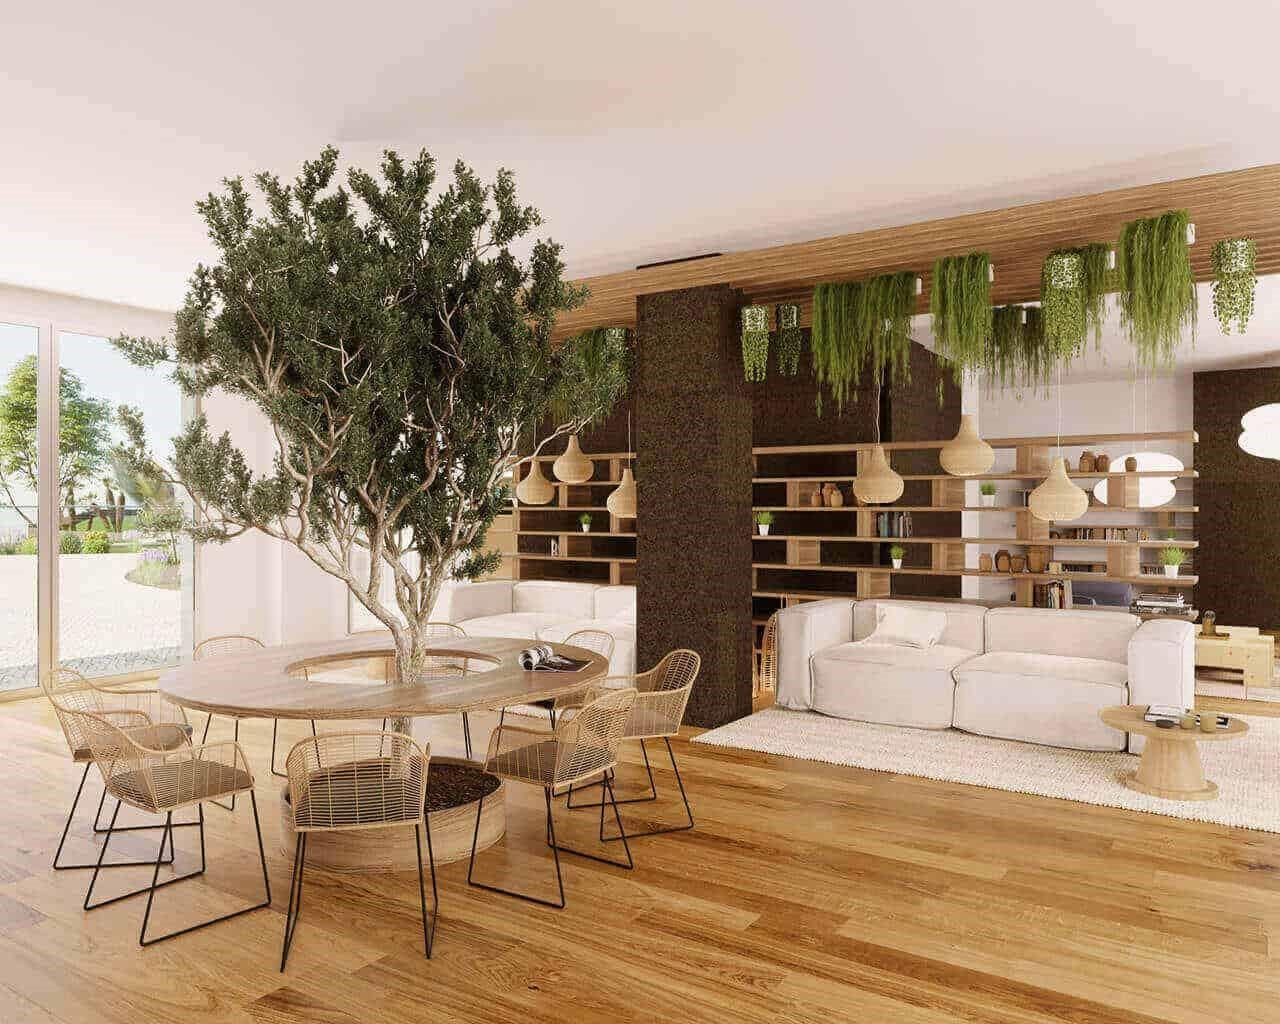 Tagus Bay - espace de lecture de co-vie